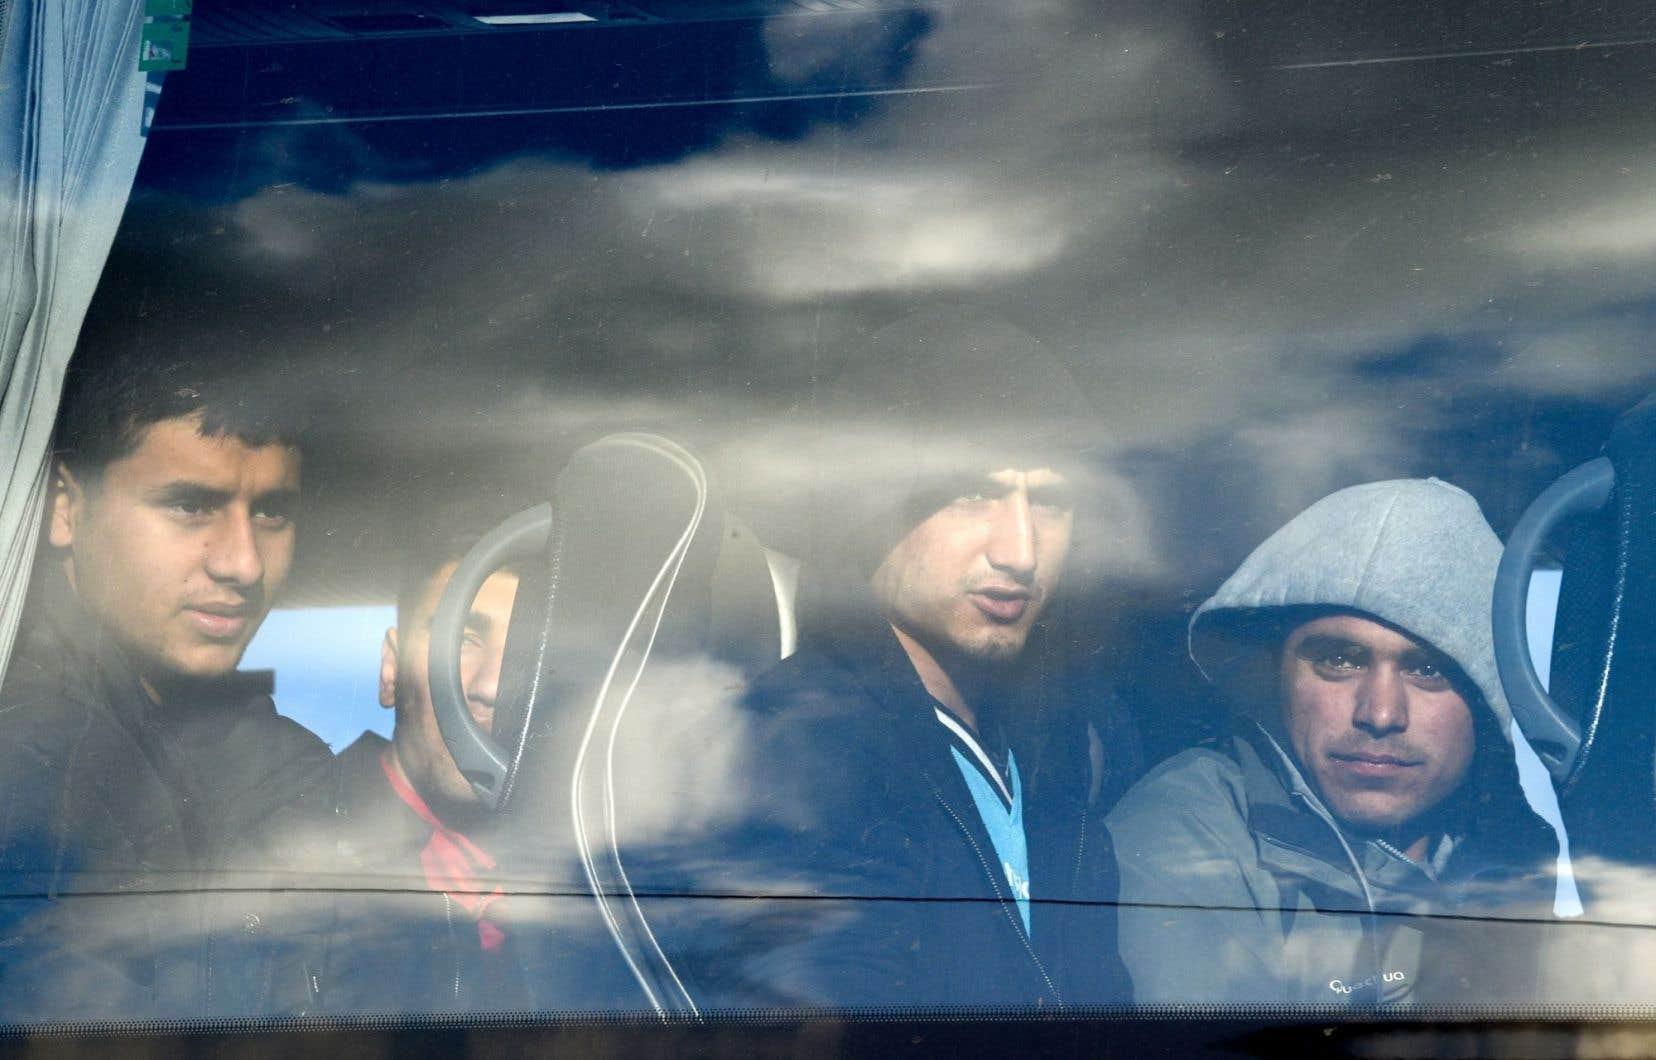 Des migrants photographiés à travers la vitre d'un autobus qui les conduit du camp de Calais jusqu'à une autre commune en France.